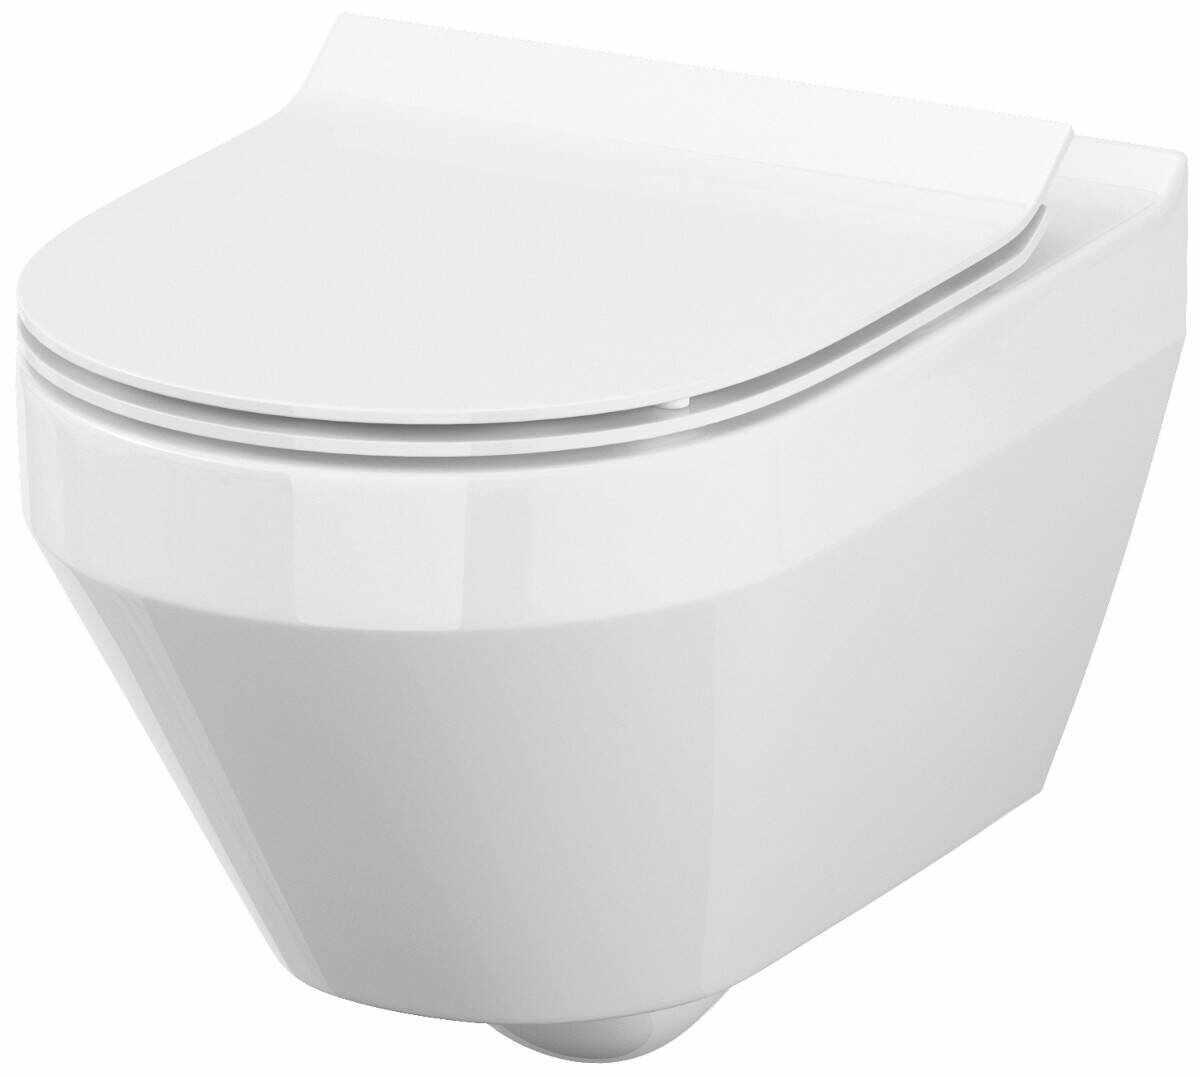 Vas WC suspendat Crea, Cersanit, 3/5 L, fara capac WC, oval, alb la pret 833.28 lei